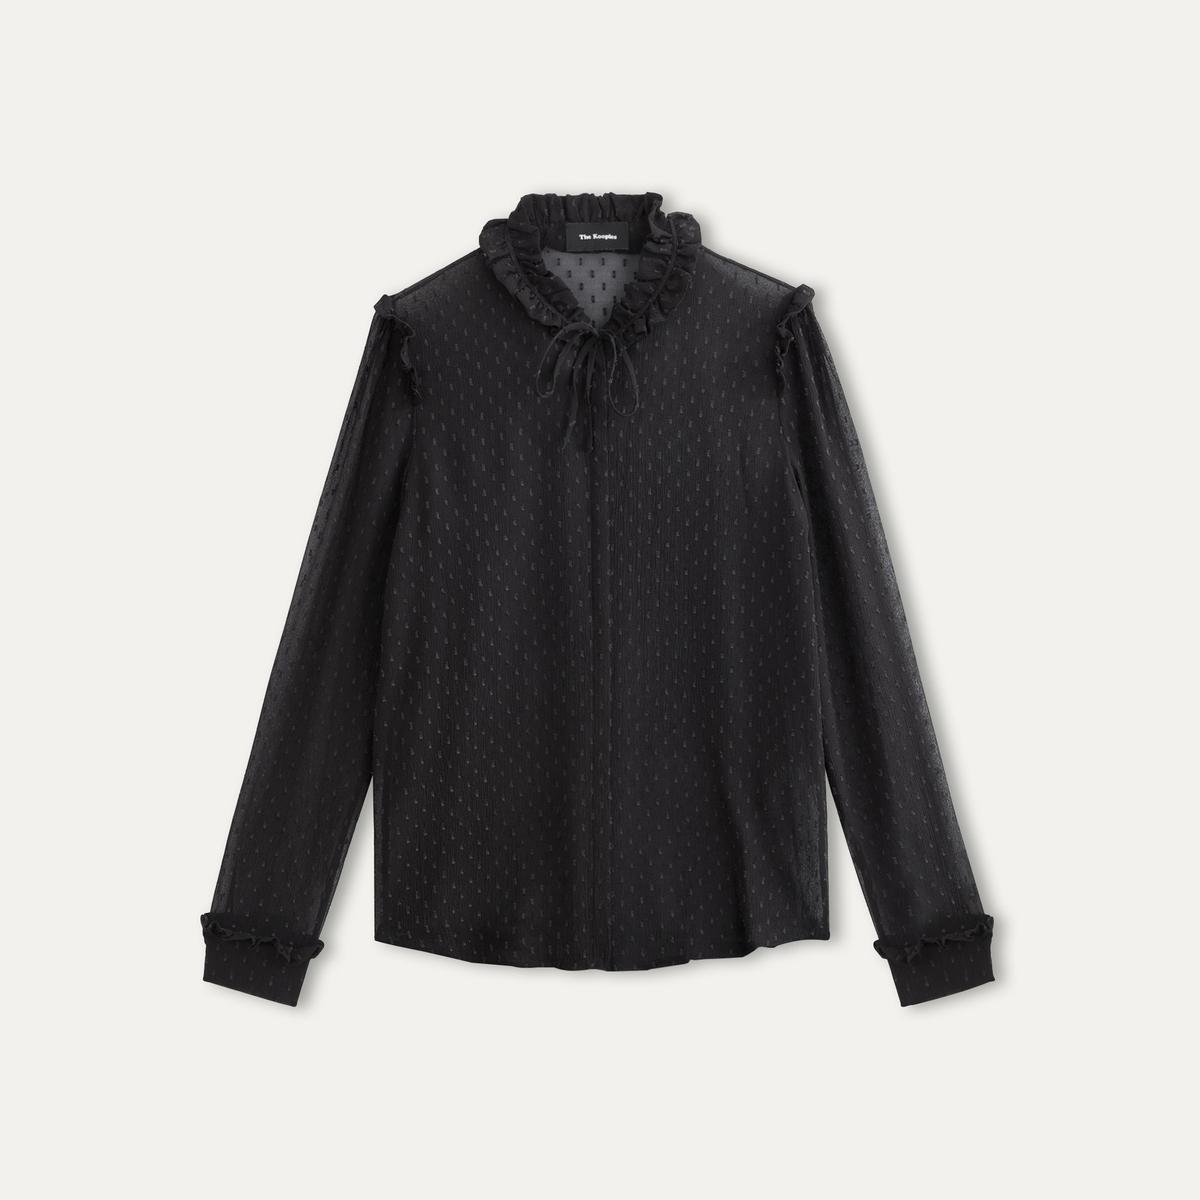 Рубашка из ткани, расшитой гладьюСостав и описание    Материал : крепдешин 90% шелка, 10% полиэстера   Марка : THE KOOPLES<br><br>Цвет: черный